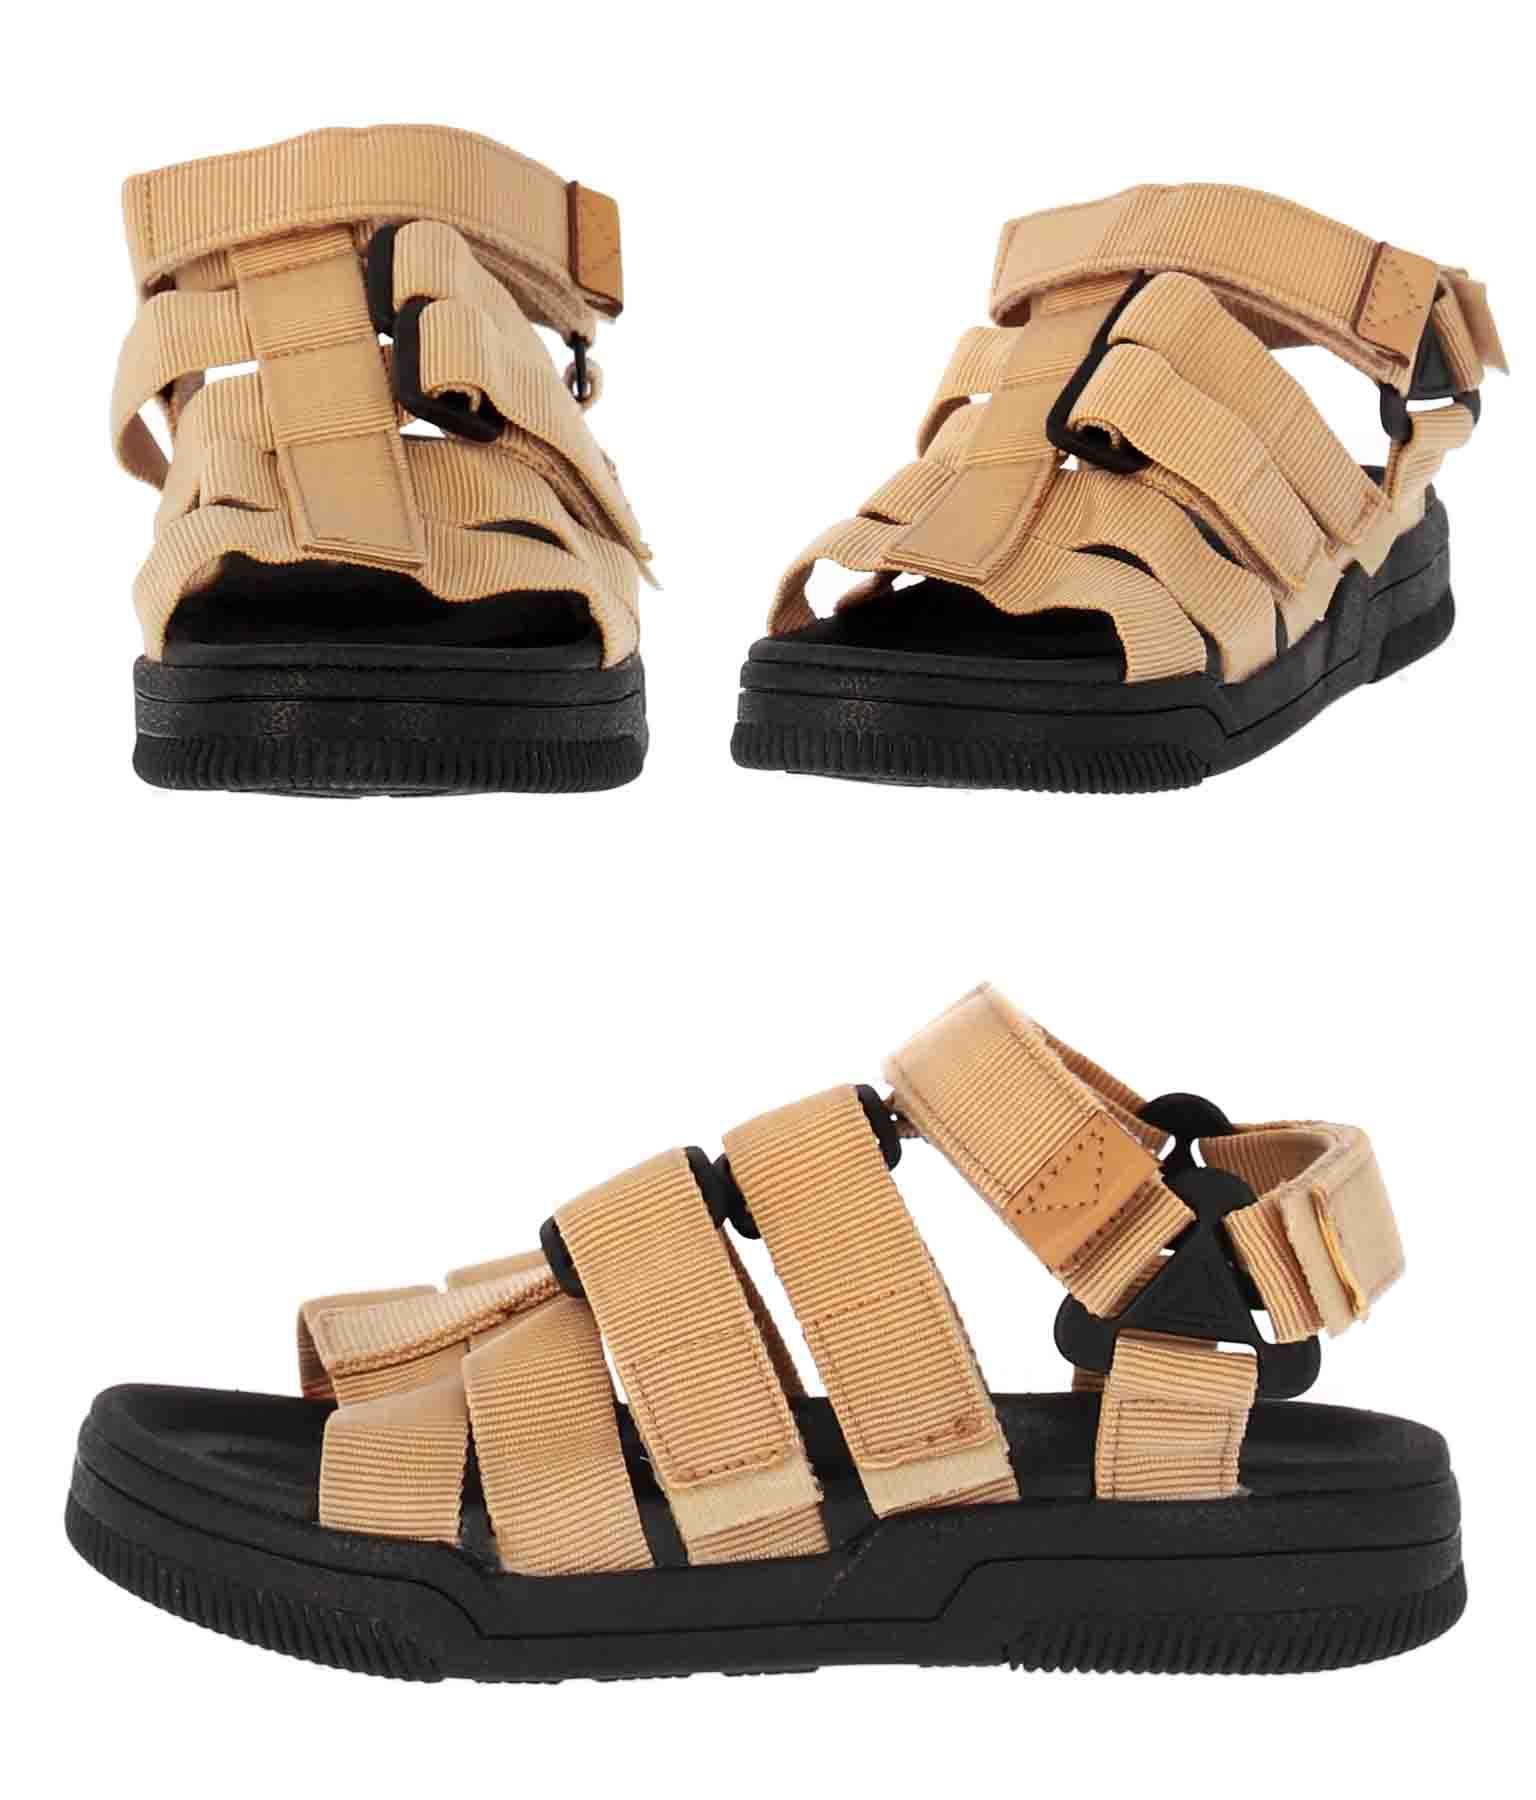 ベルトデザインサンダル(シューズ・靴/サンダル)   anap mimpi